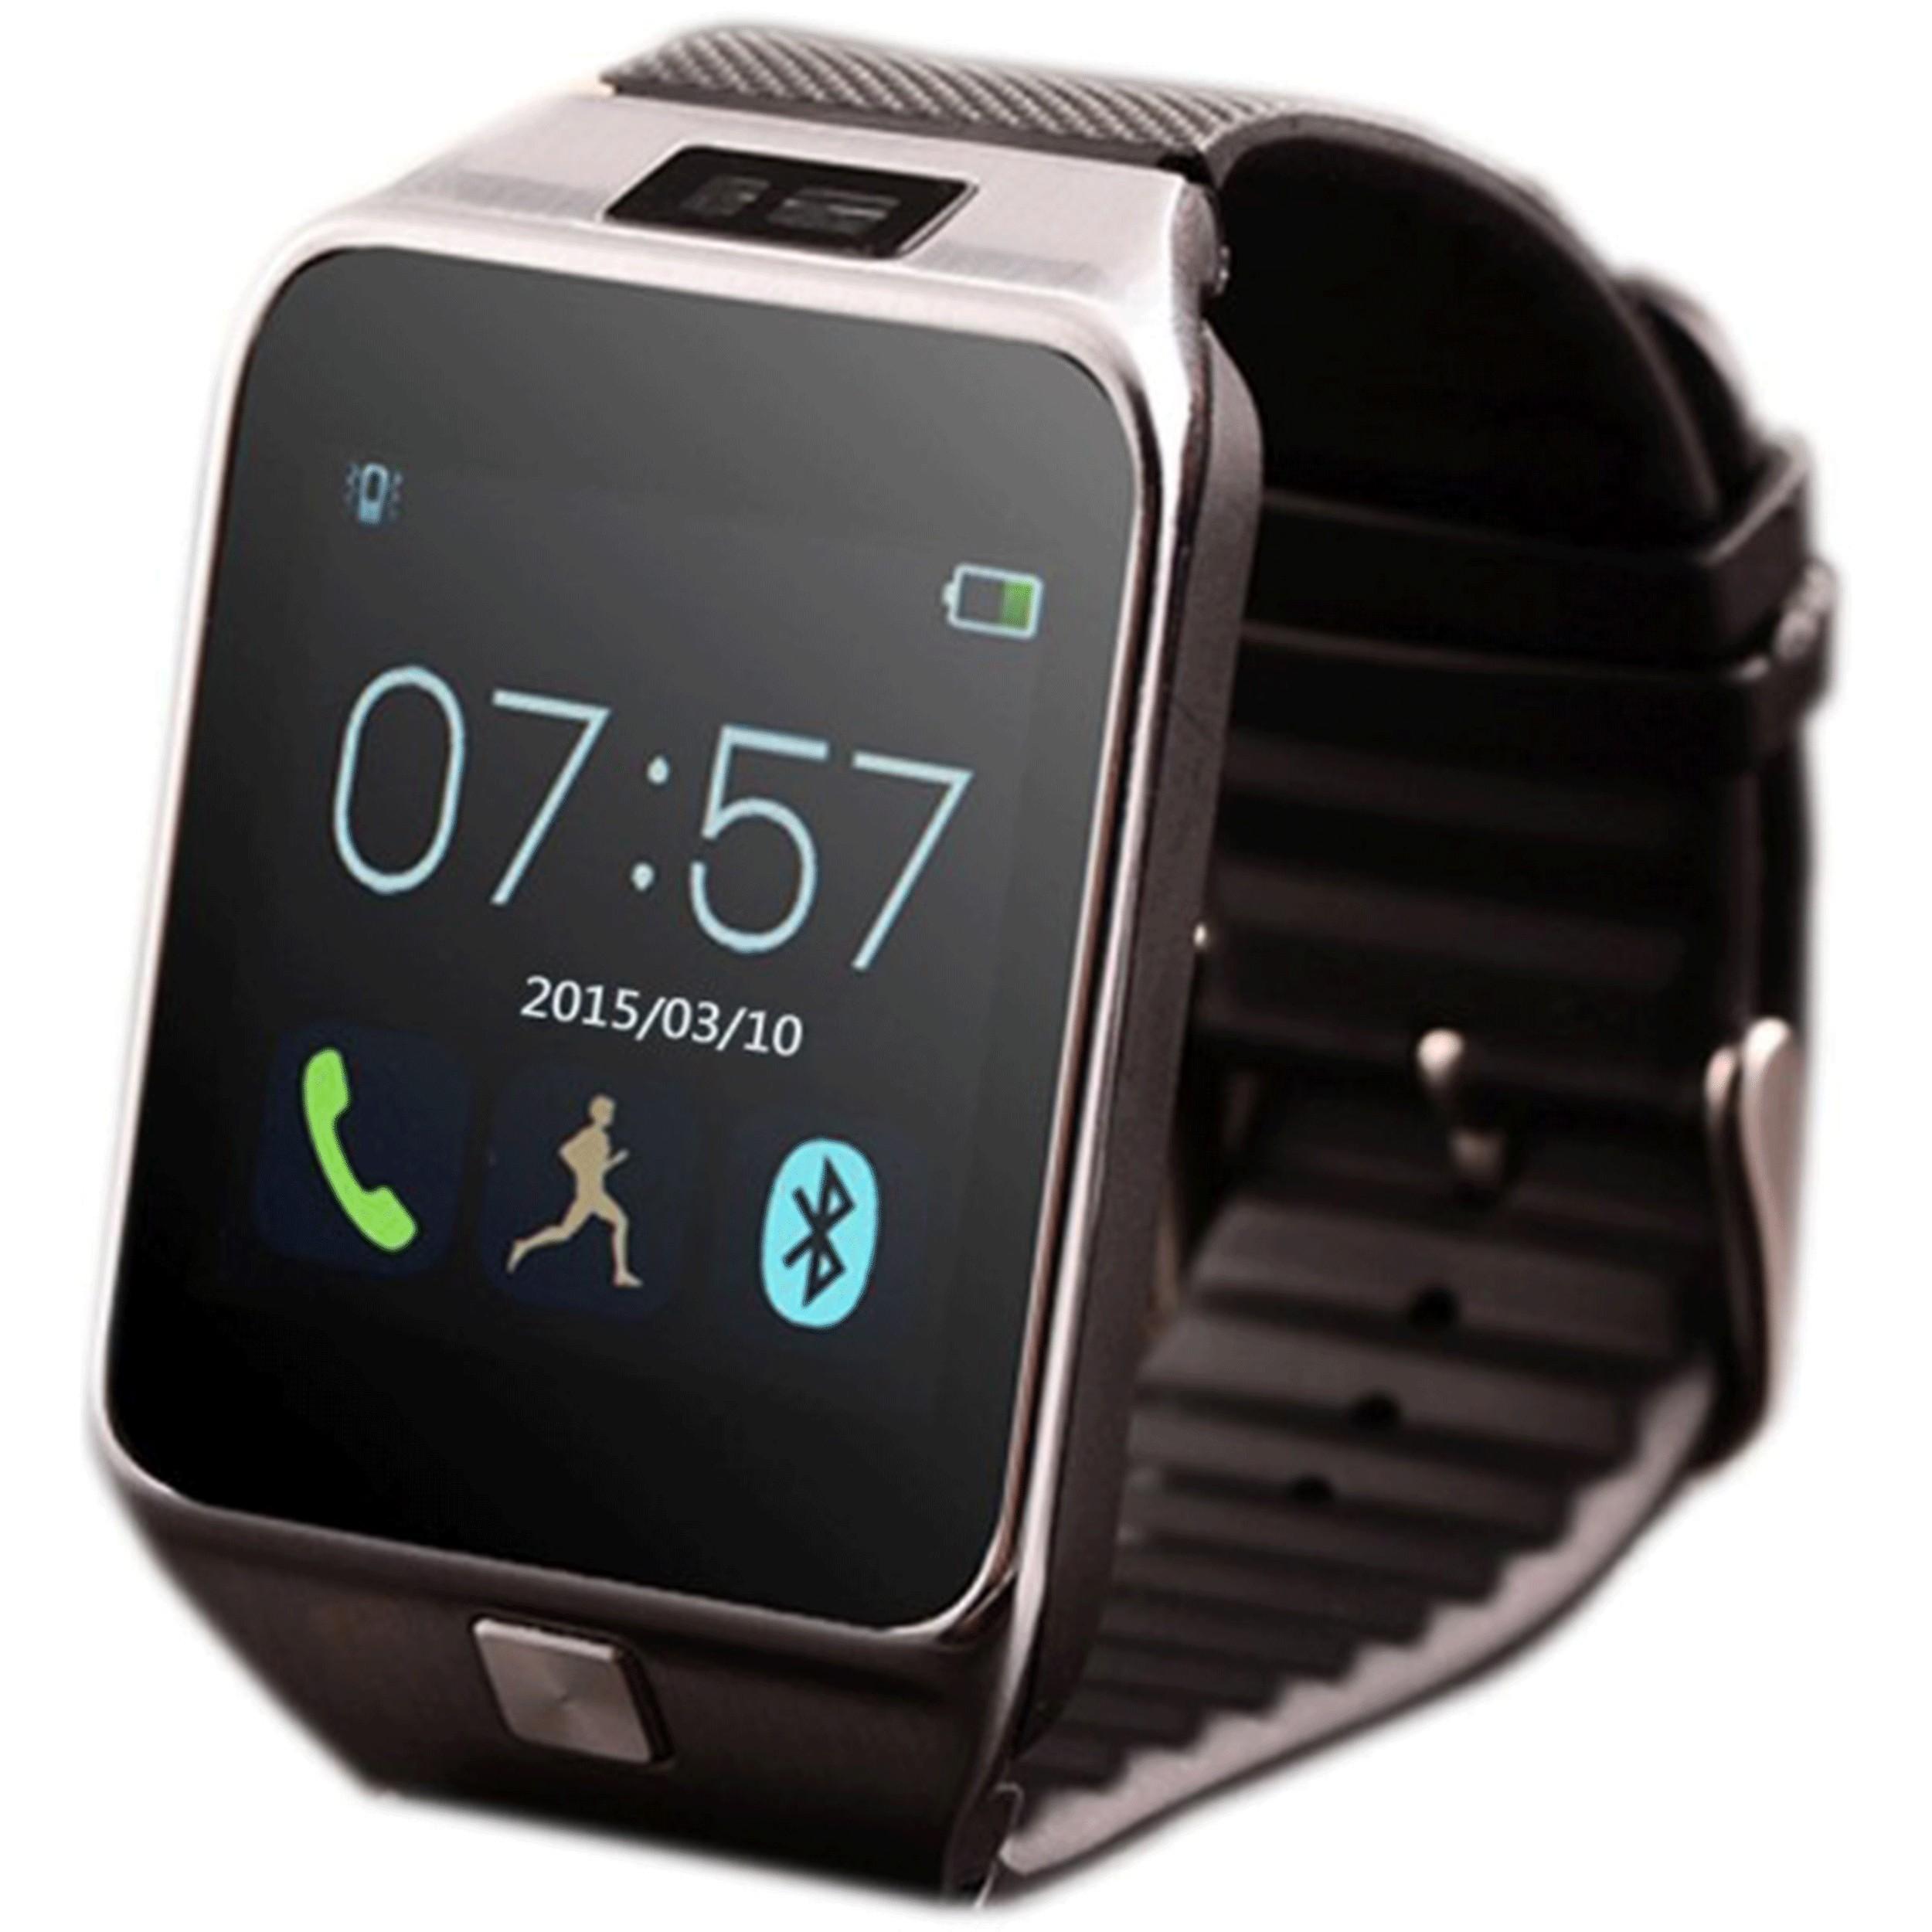 Smartwatch iUni U18 Slim, BT, LCD 1.5 inch, Pedometru, Negru imagine techstar.ro 2021